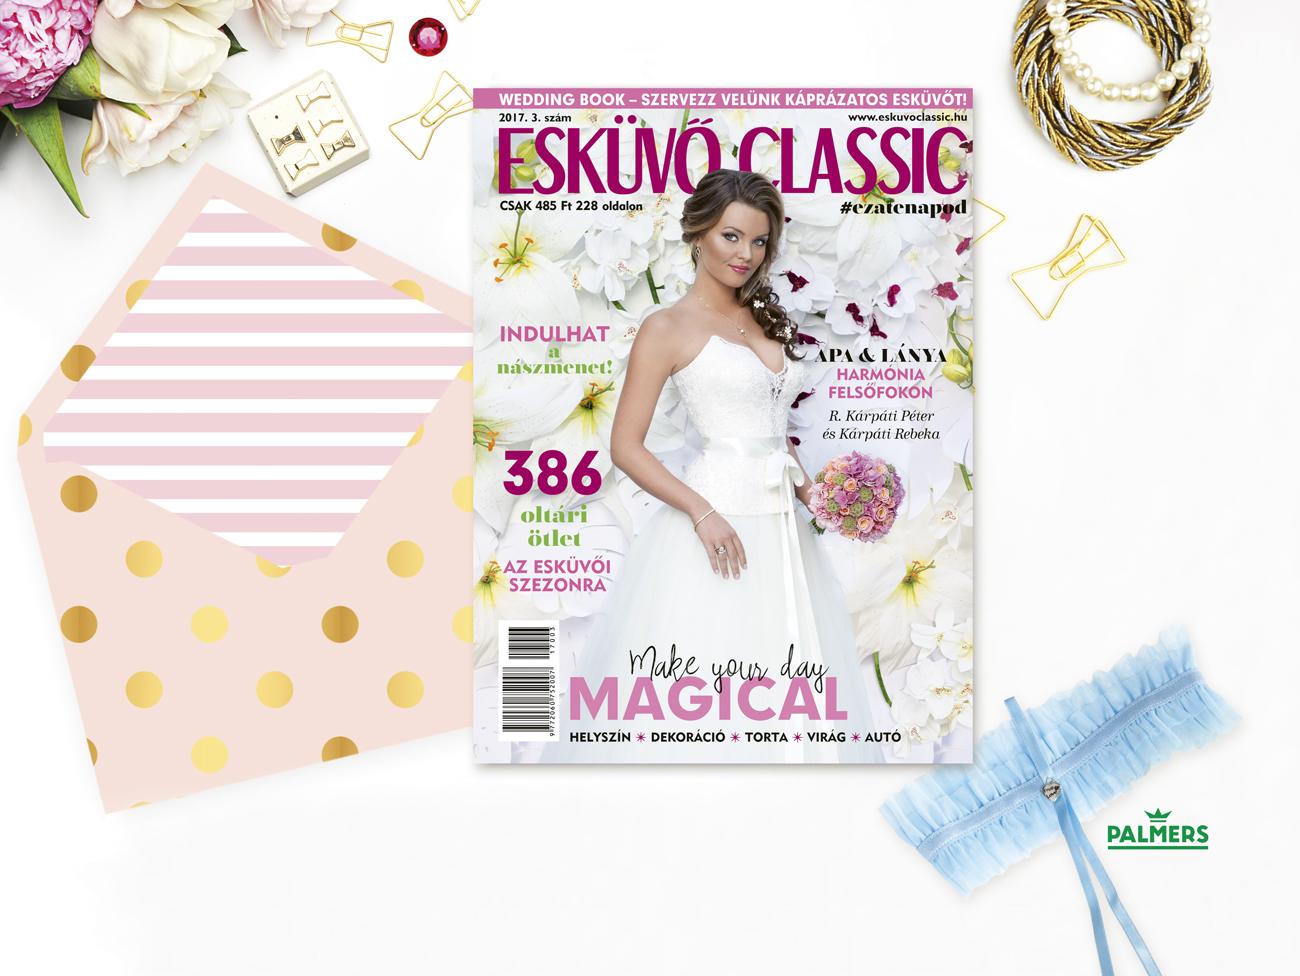 Esküvő Classic magazin, előfizetői akció